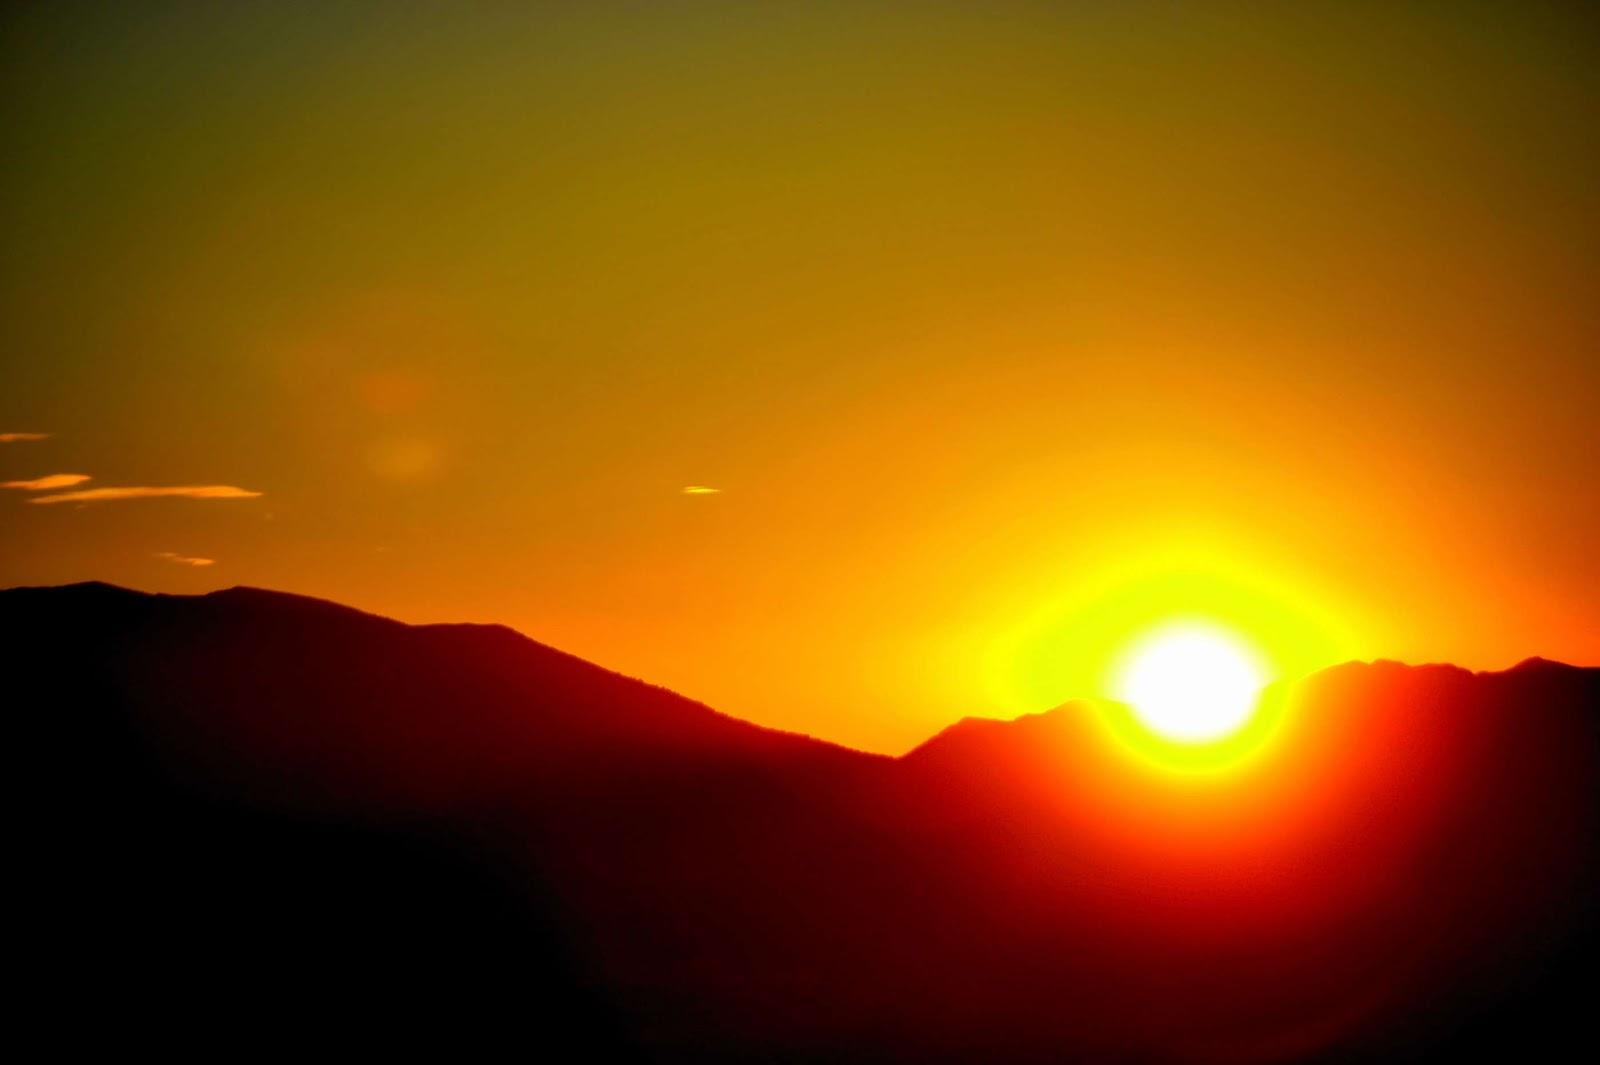 Se va escondiendo el sol Bello+atardecer+entre+las+inmensas+rocas